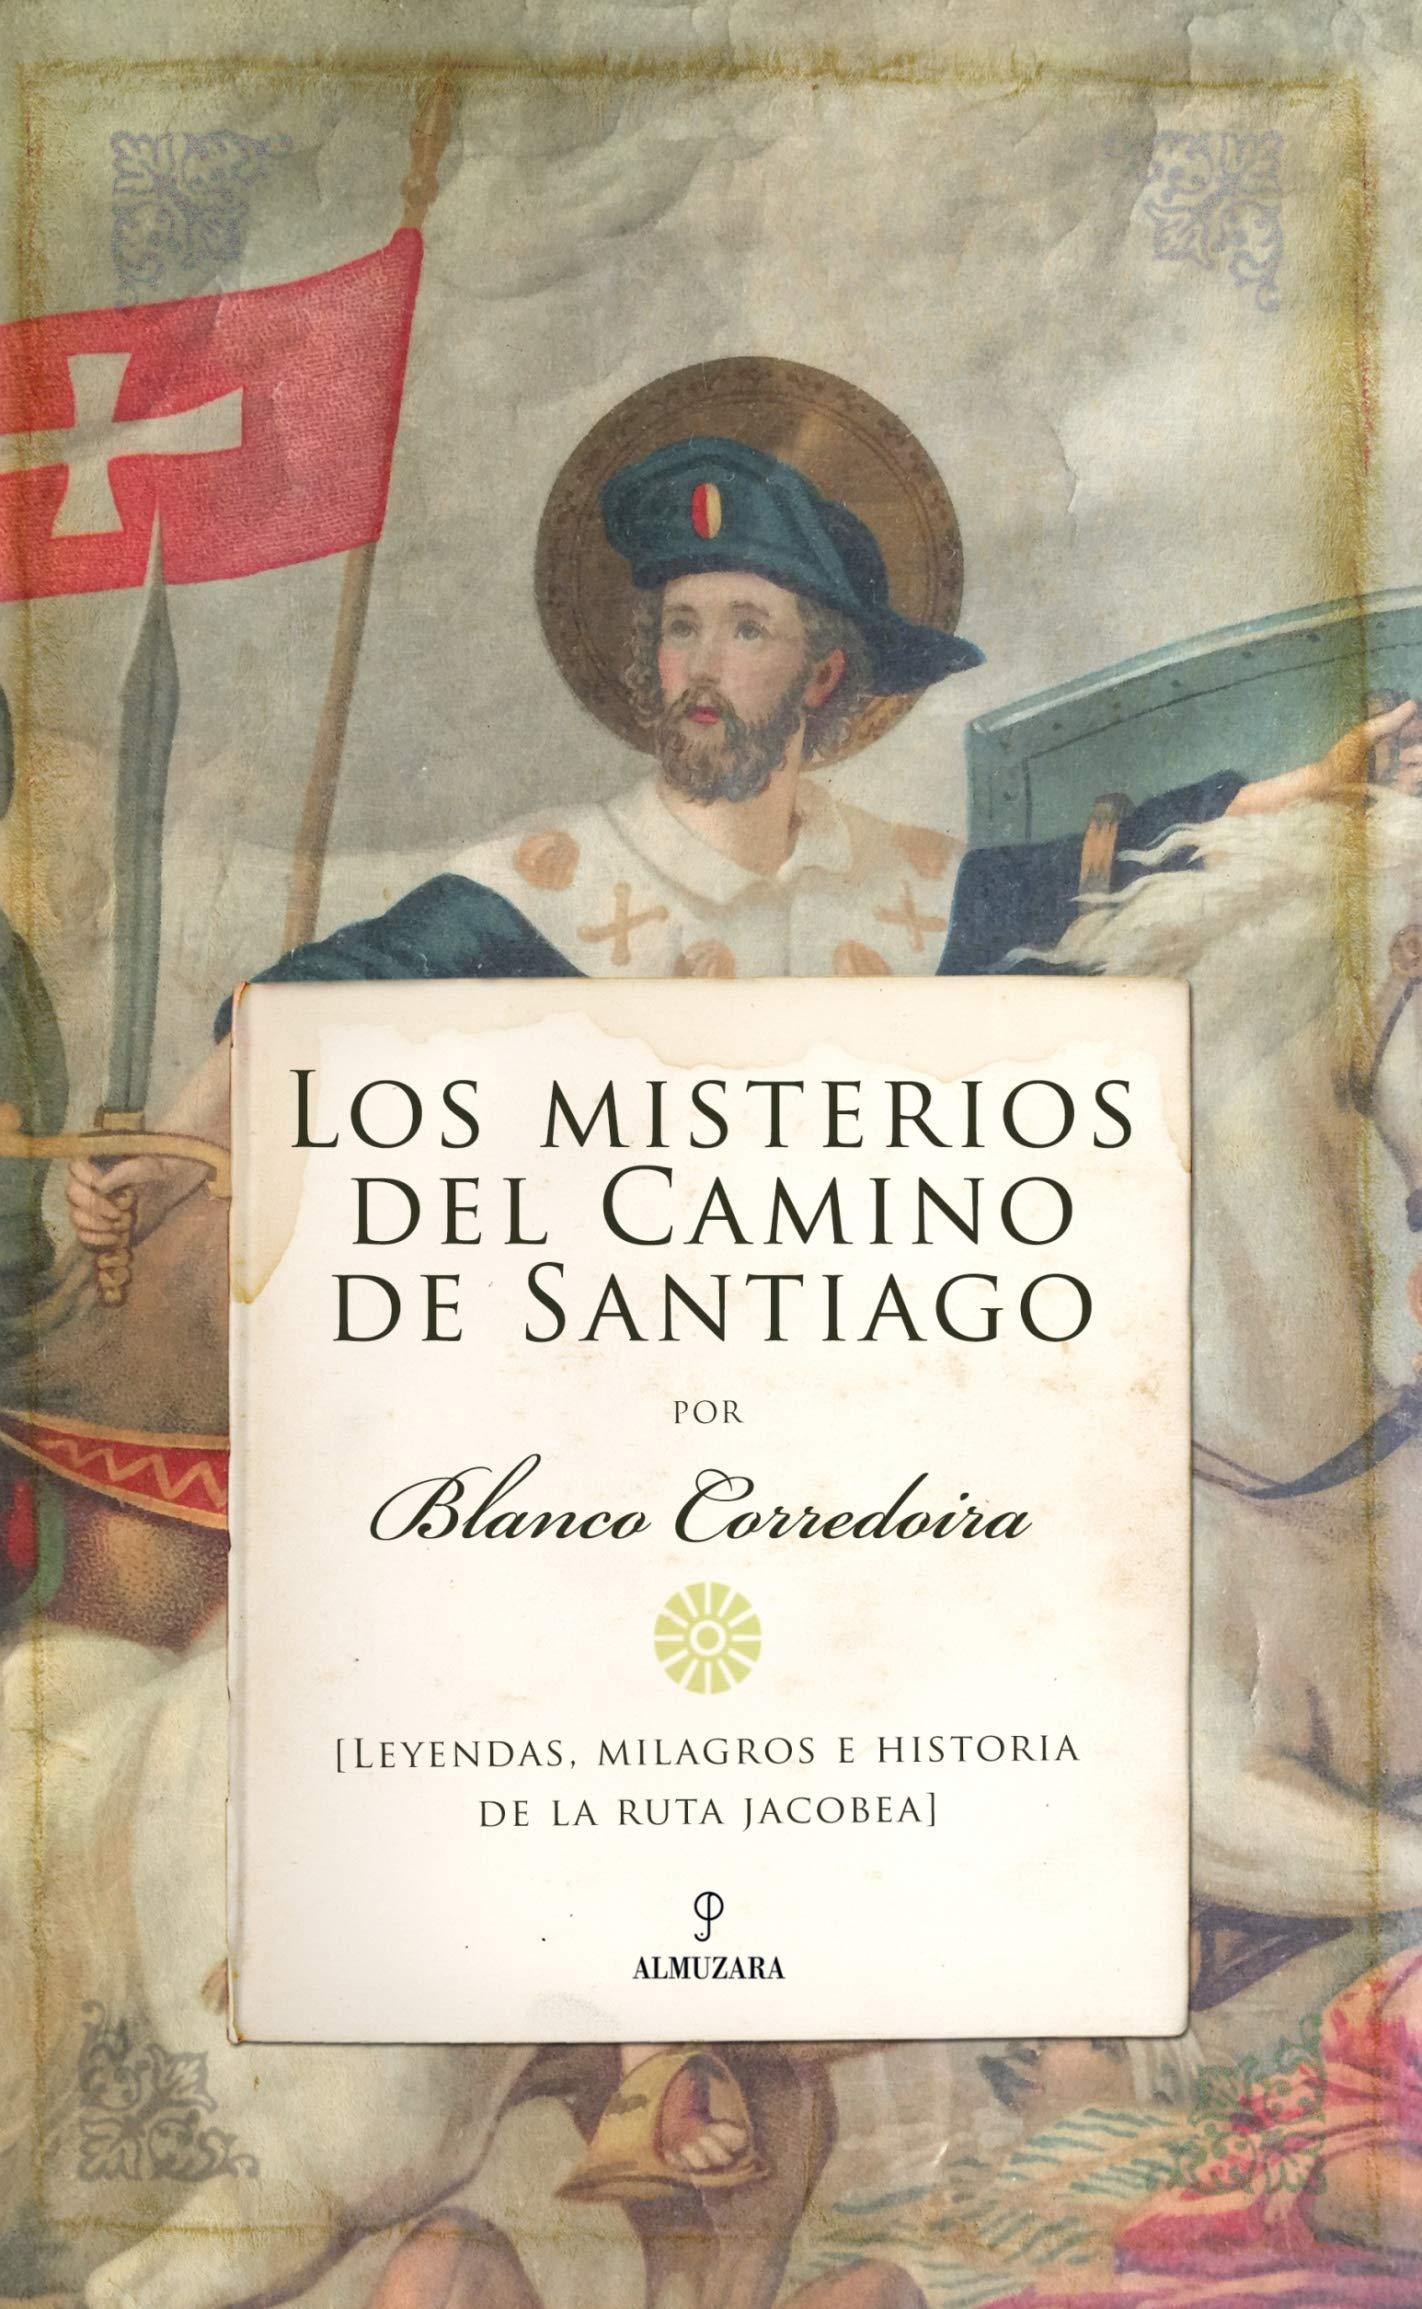 Los Misterios Del Camino De Santiago: Leyendas, milagros e historia de la ruta jacobea De Leyenda: Amazon.es: Blanco Corredoira, José María: Libros